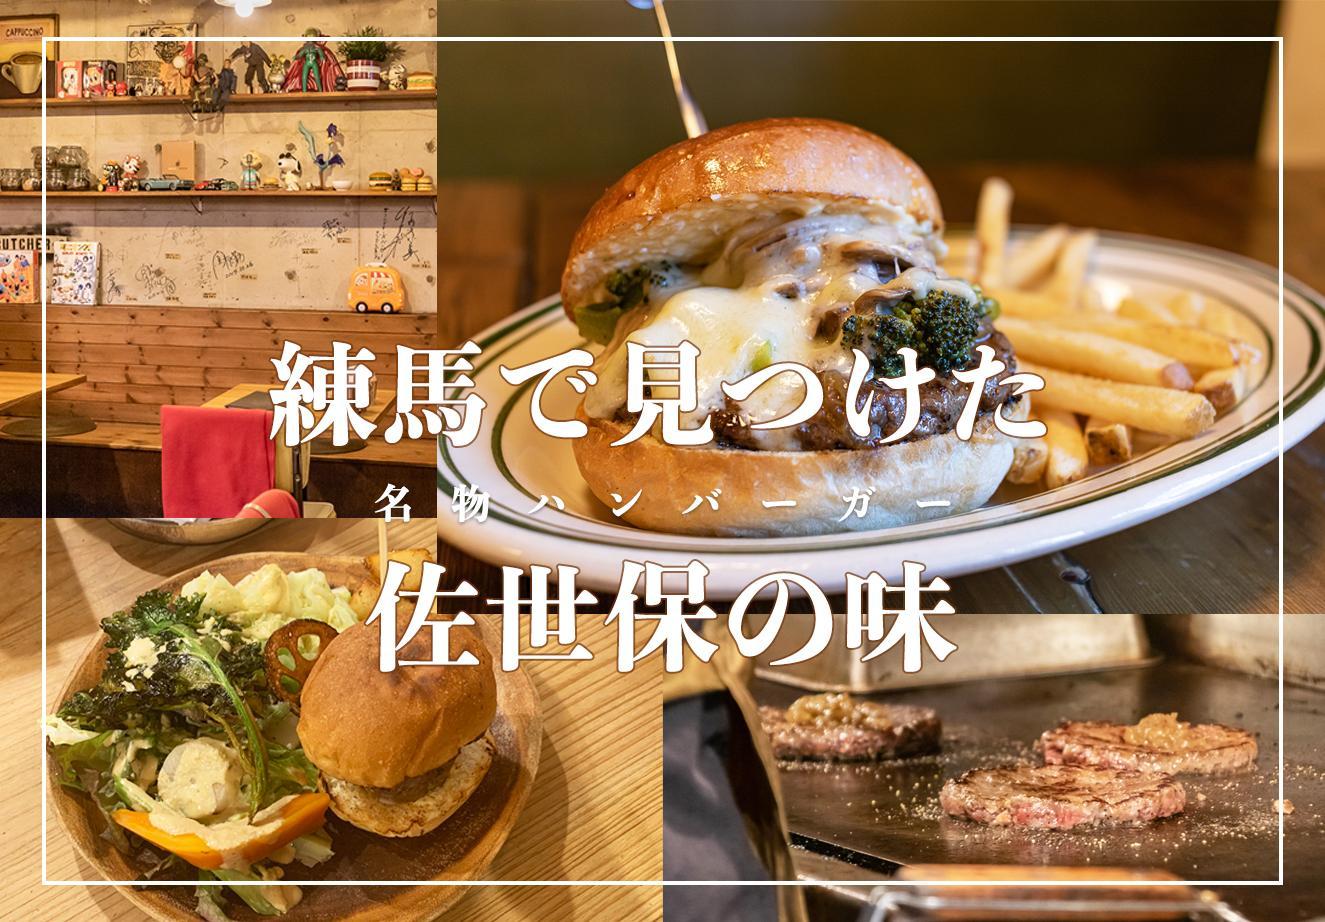 【네리마에서 찾아낸 나가사키】사세보 버거가 그리운 나가사키현 출신 라이터 S의 햄버거 먹으러 돌아다니기 in 네리마 이미지